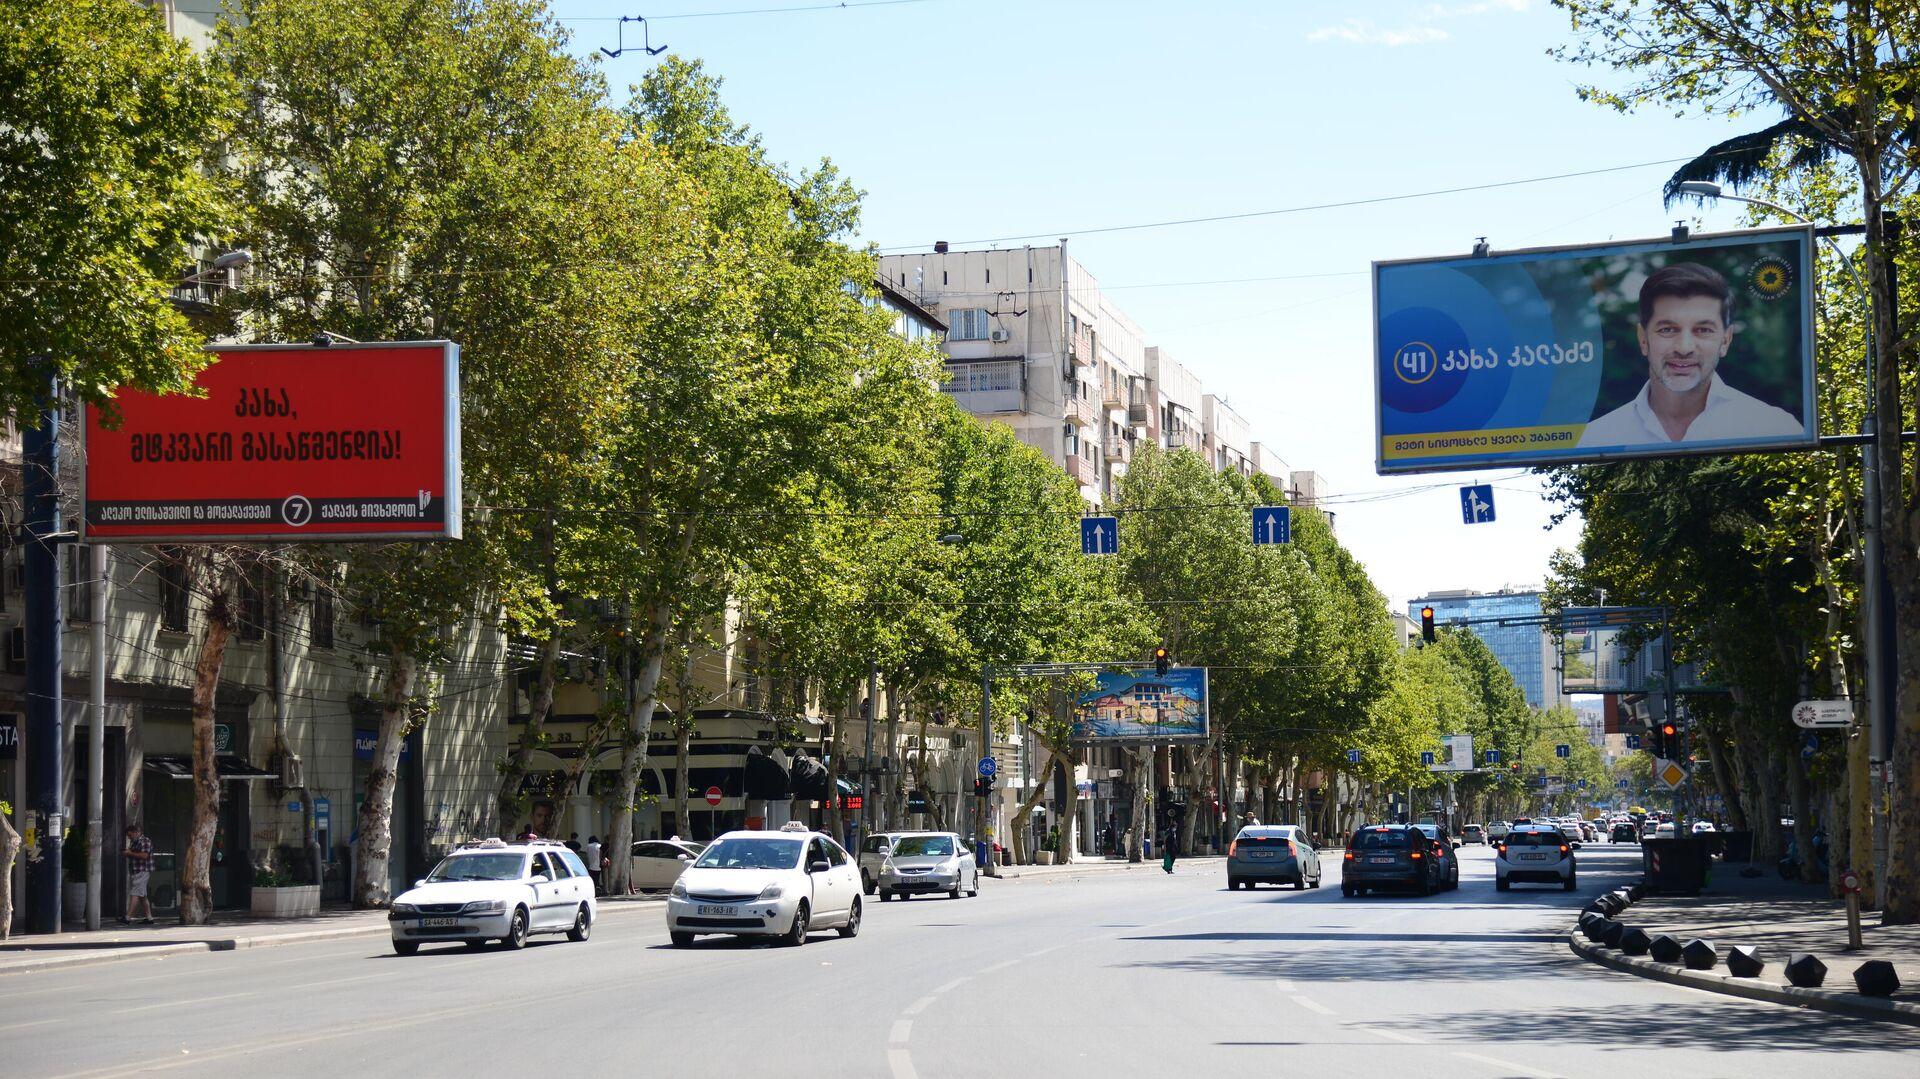 Предвыборная реклама в Тбилиси в Сабуртало - баннер правящей партии Грузинская мечта, Каха Каладзе - Sputnik Грузия, 1920, 21.09.2021